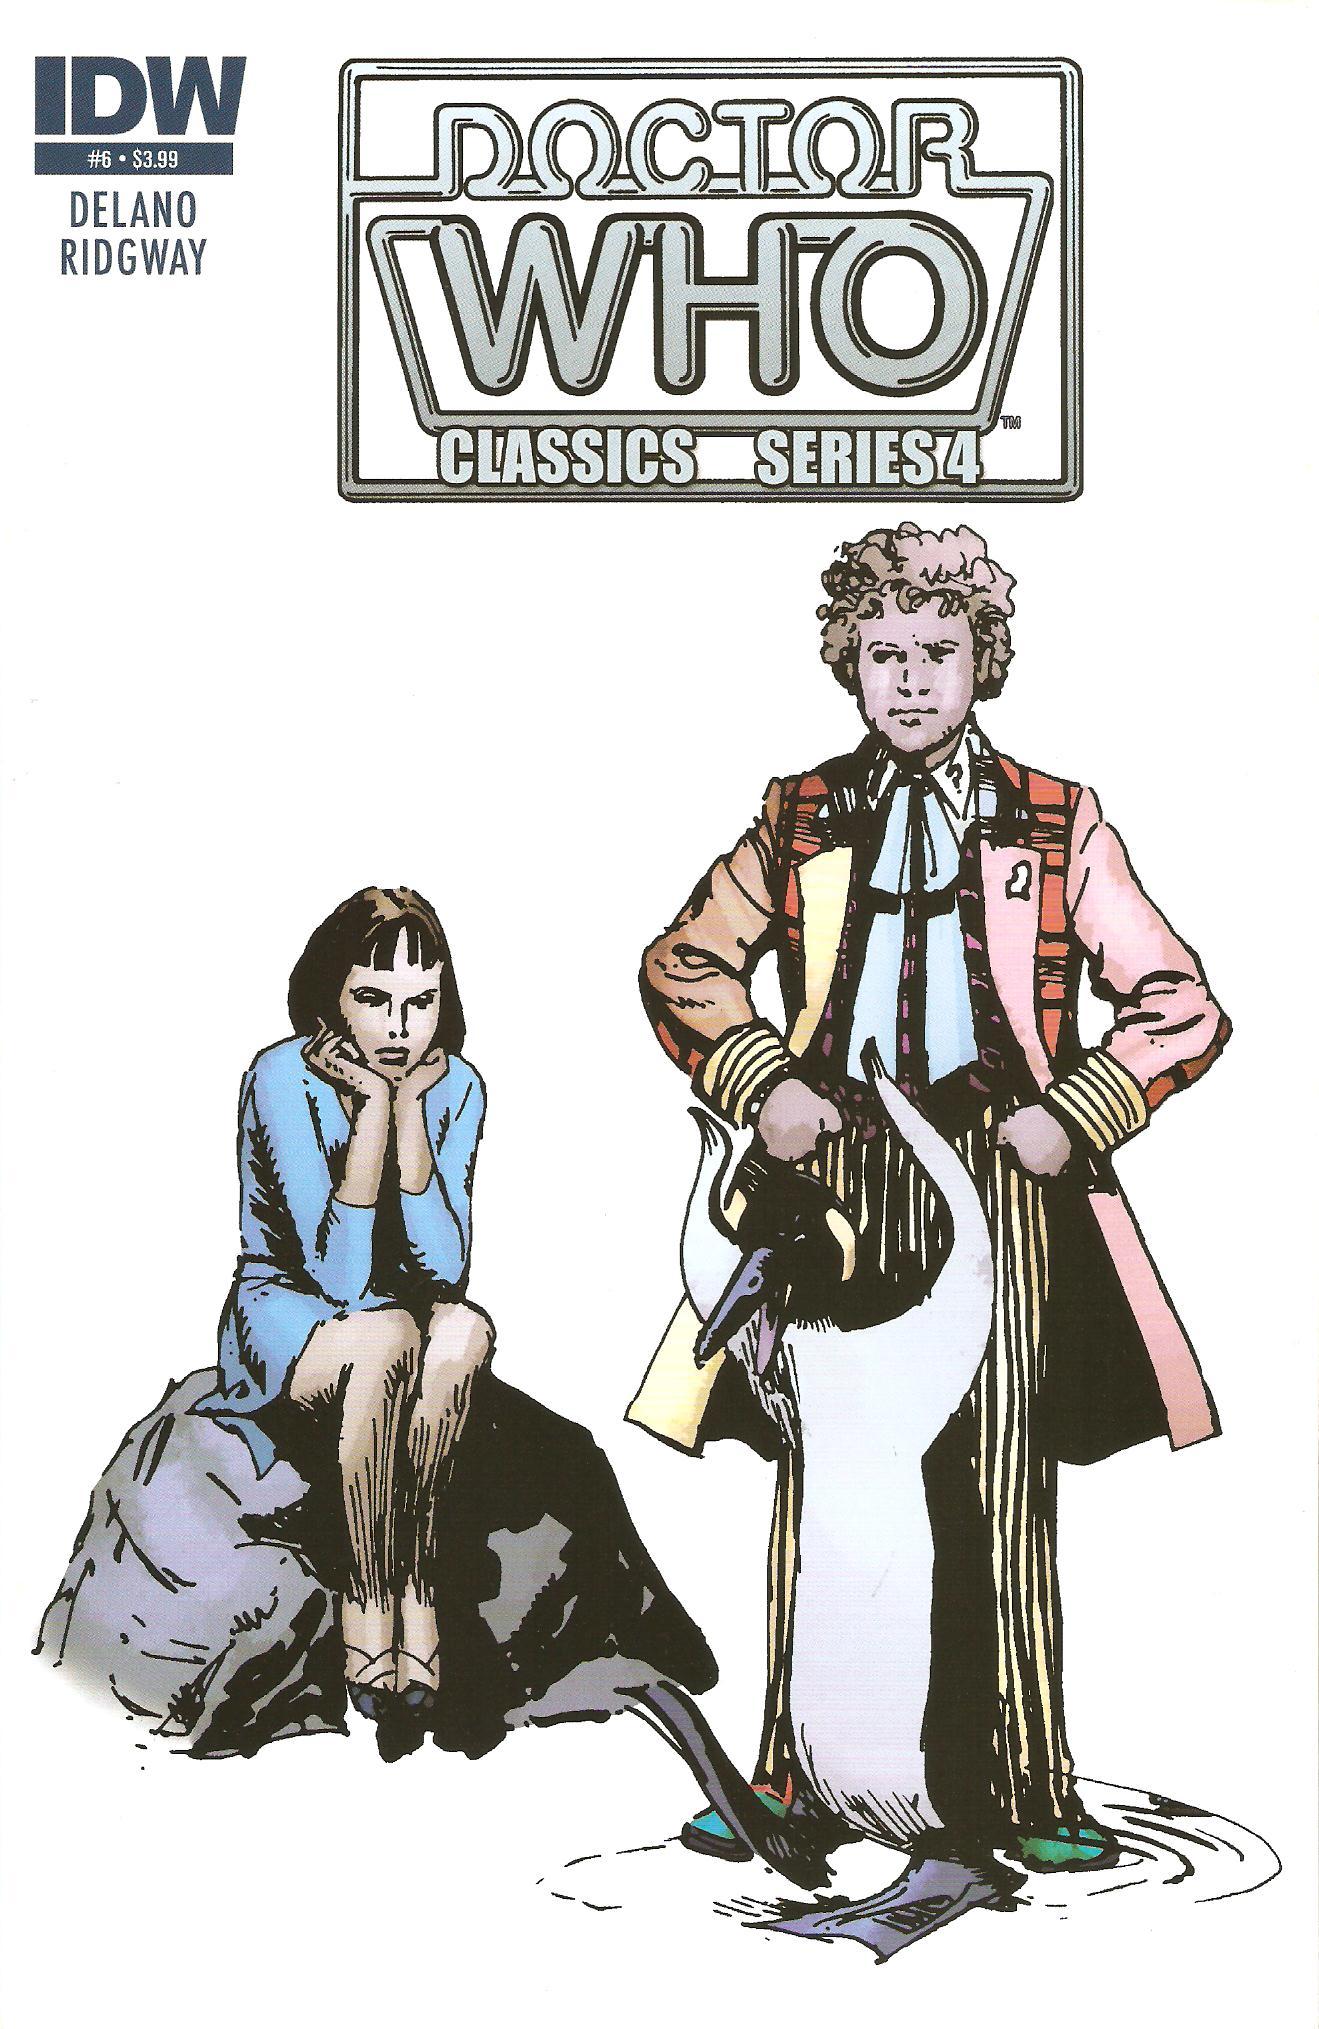 Classics series 4 issue 6